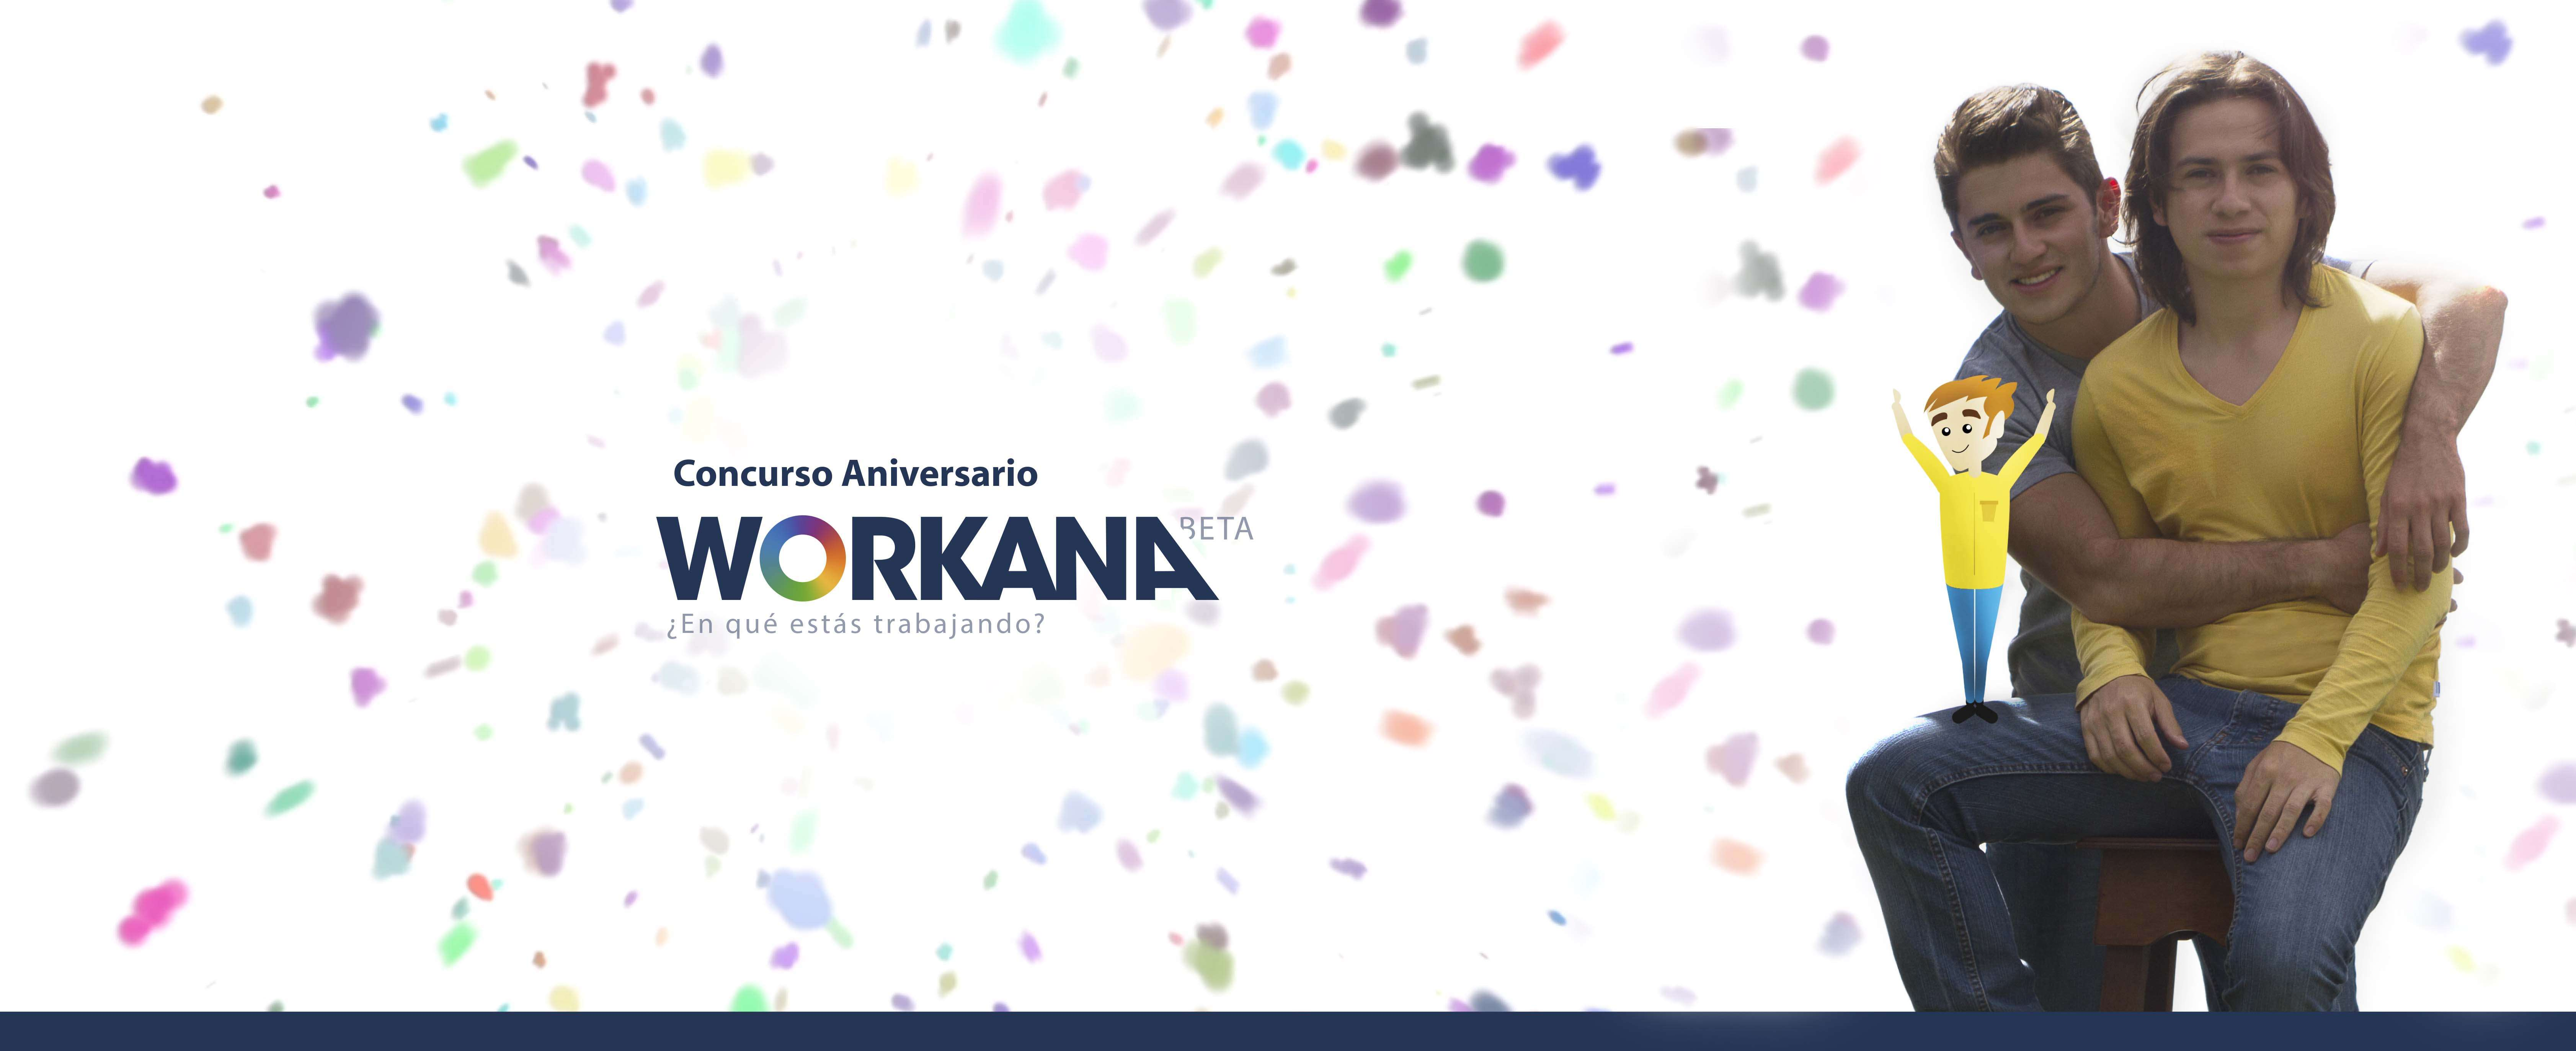 ganador del concurso Workana